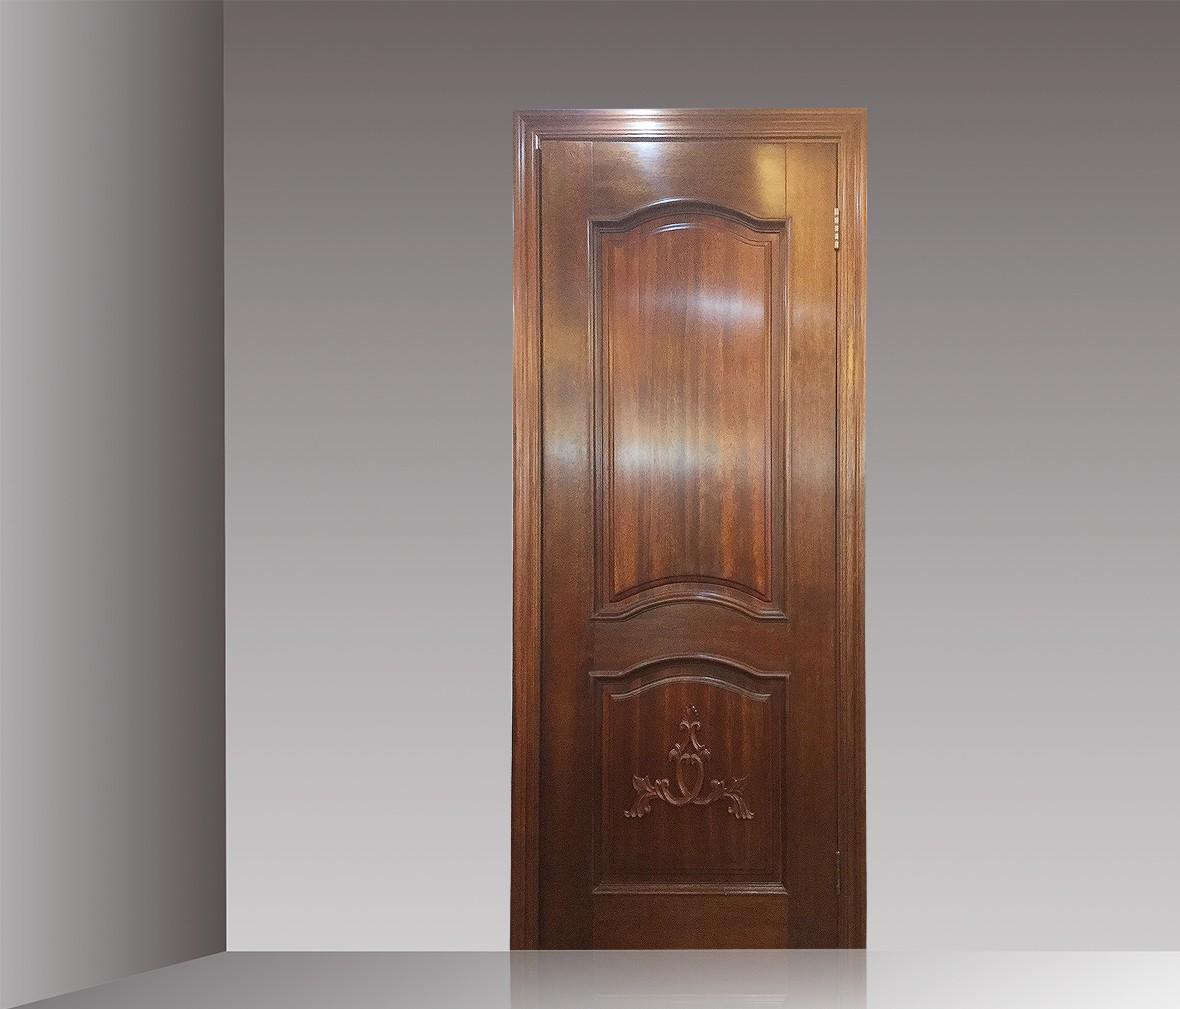 大自然木门 DZR-12型号实木木门 腰板雕花门平口门 商品情景